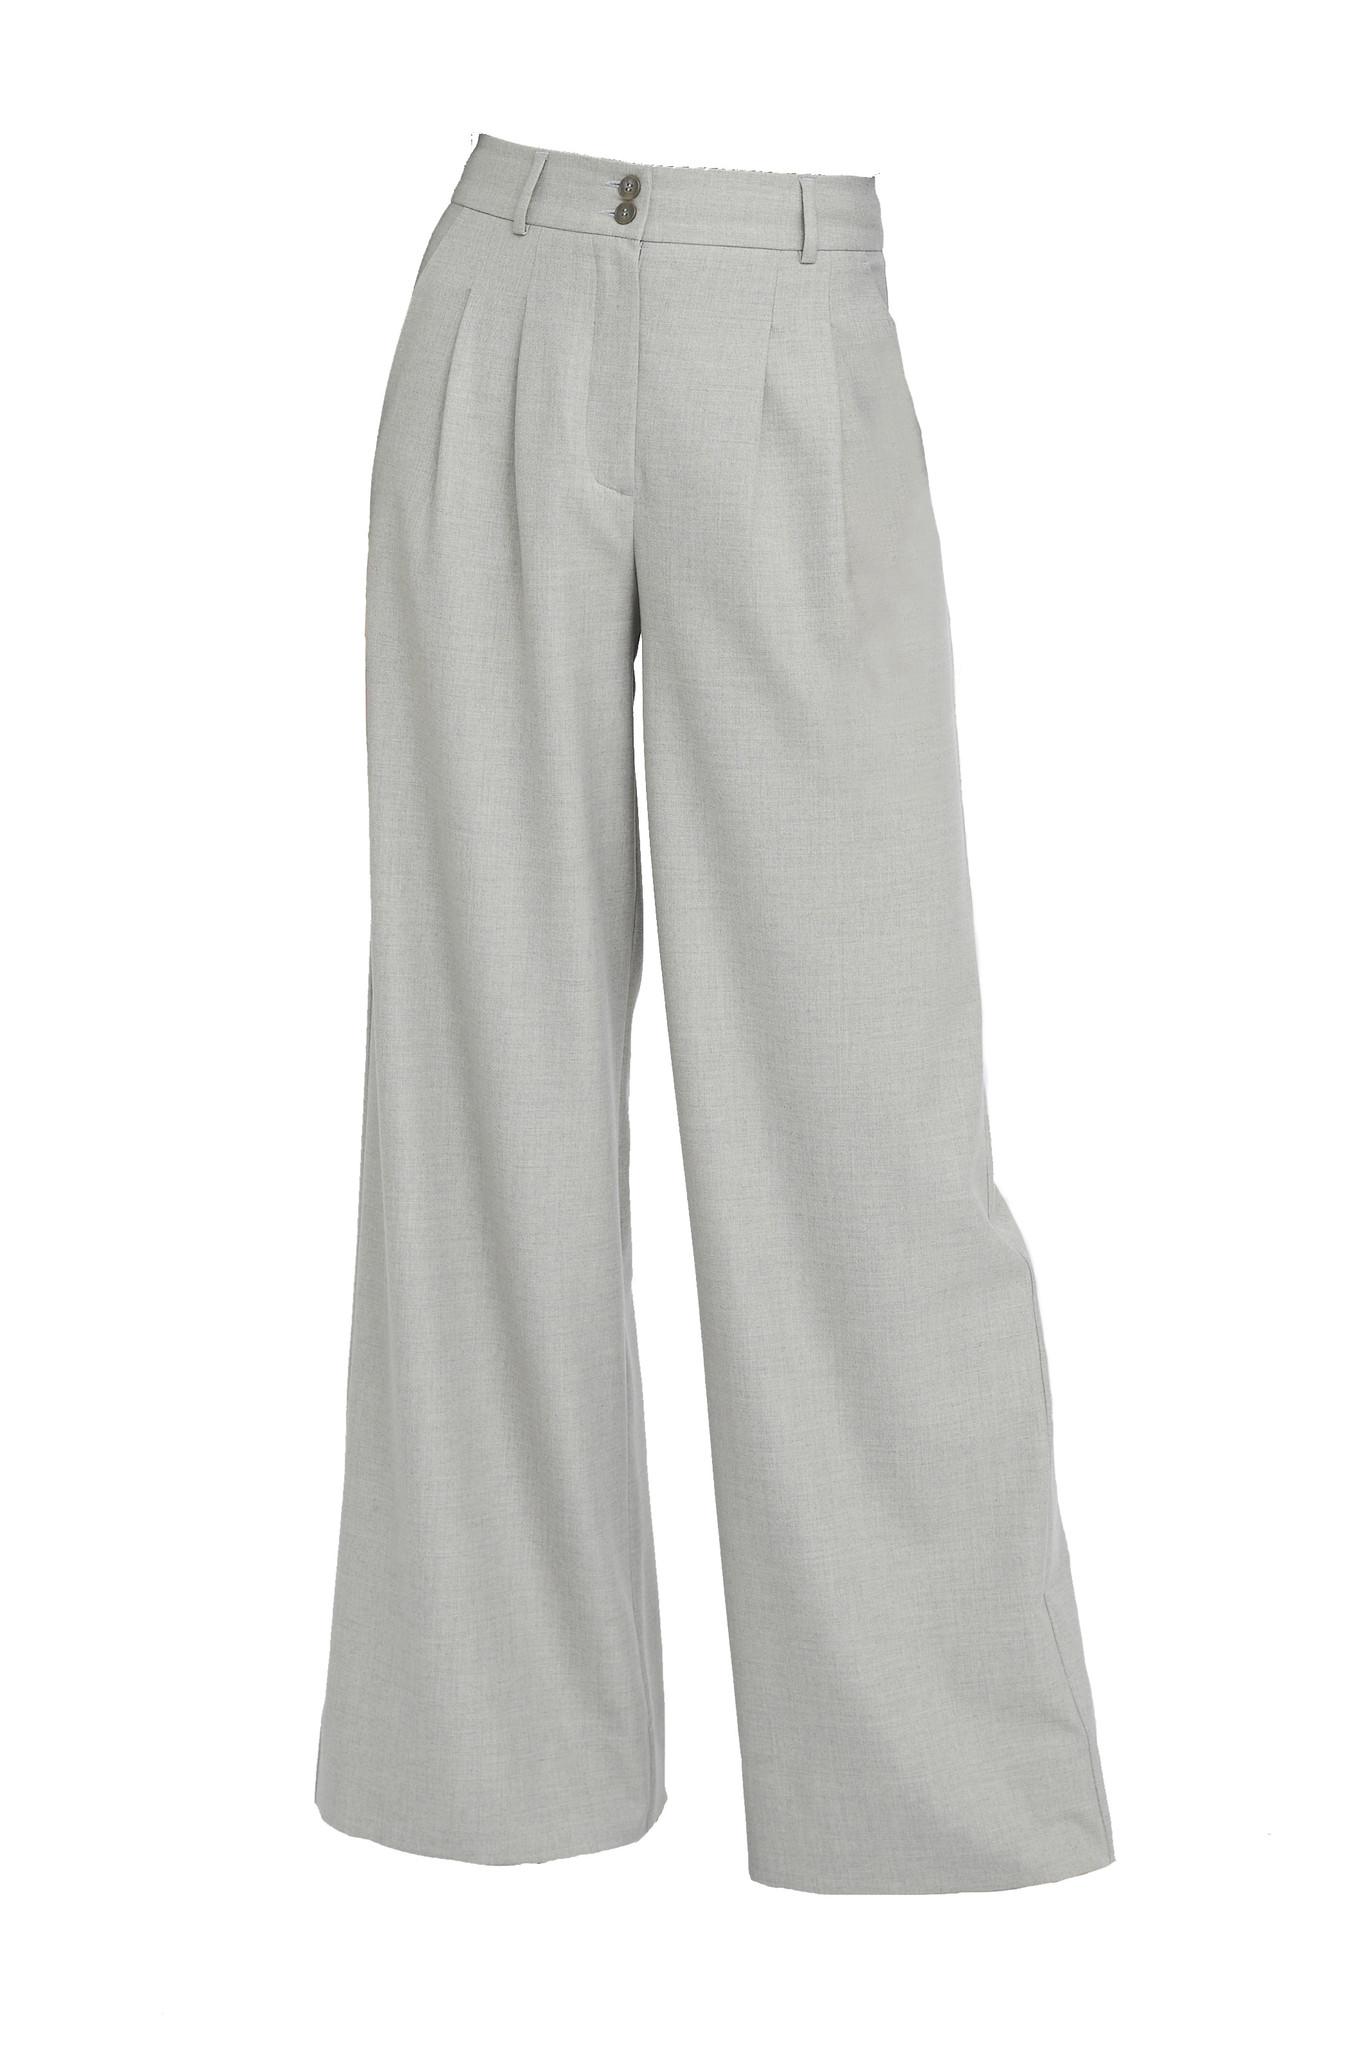 Karen 555 Wide Trouser - Misty Grey-1